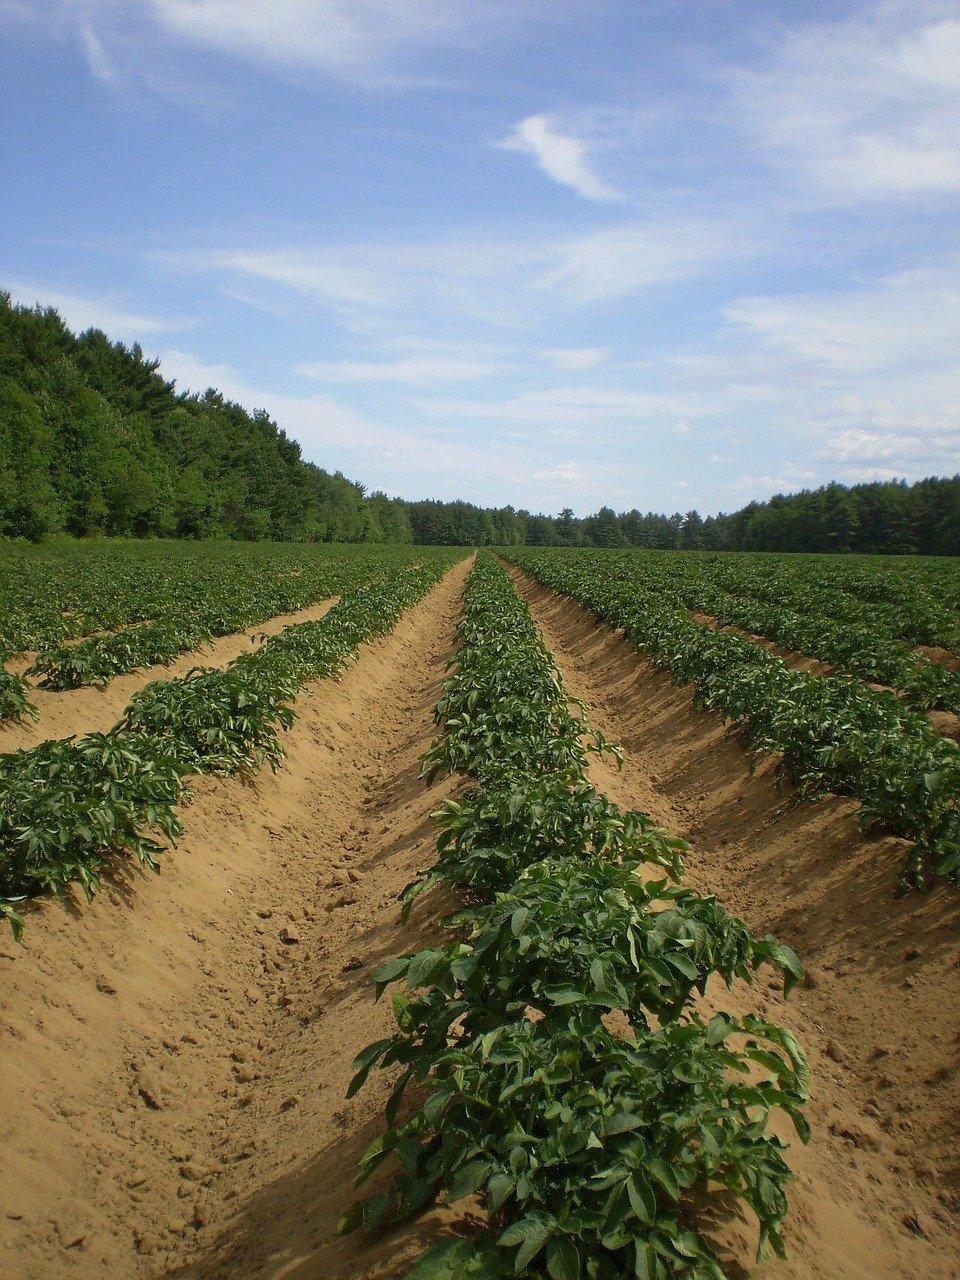 Проращивание картофеля перед посадкой: сроки, условия, способы и эффект от проращивания